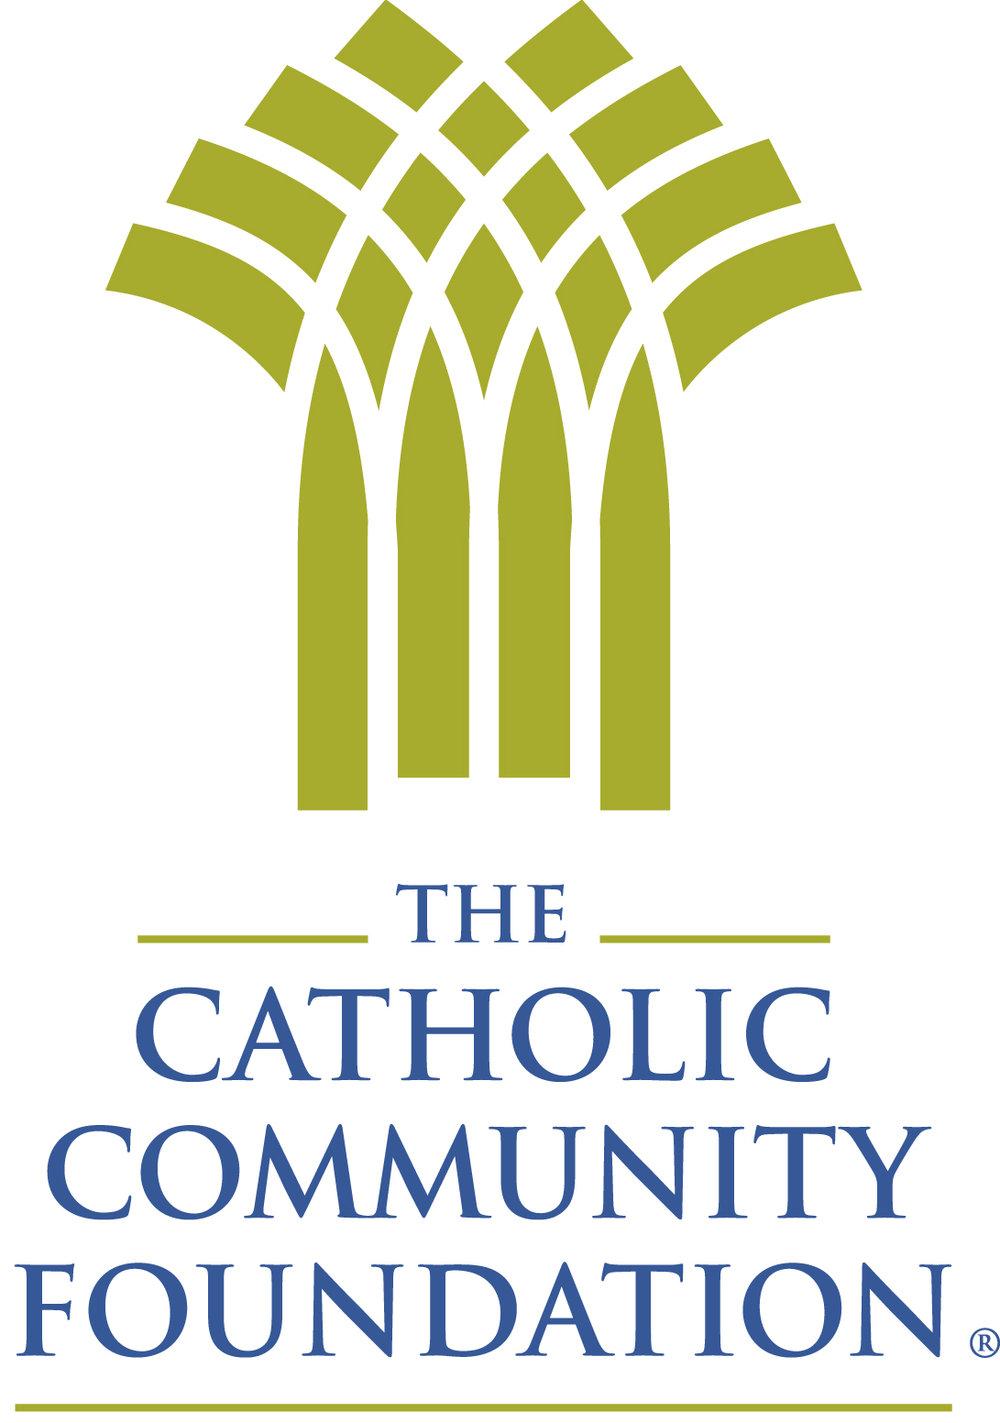 CatholicCommunityFoundation.jpg